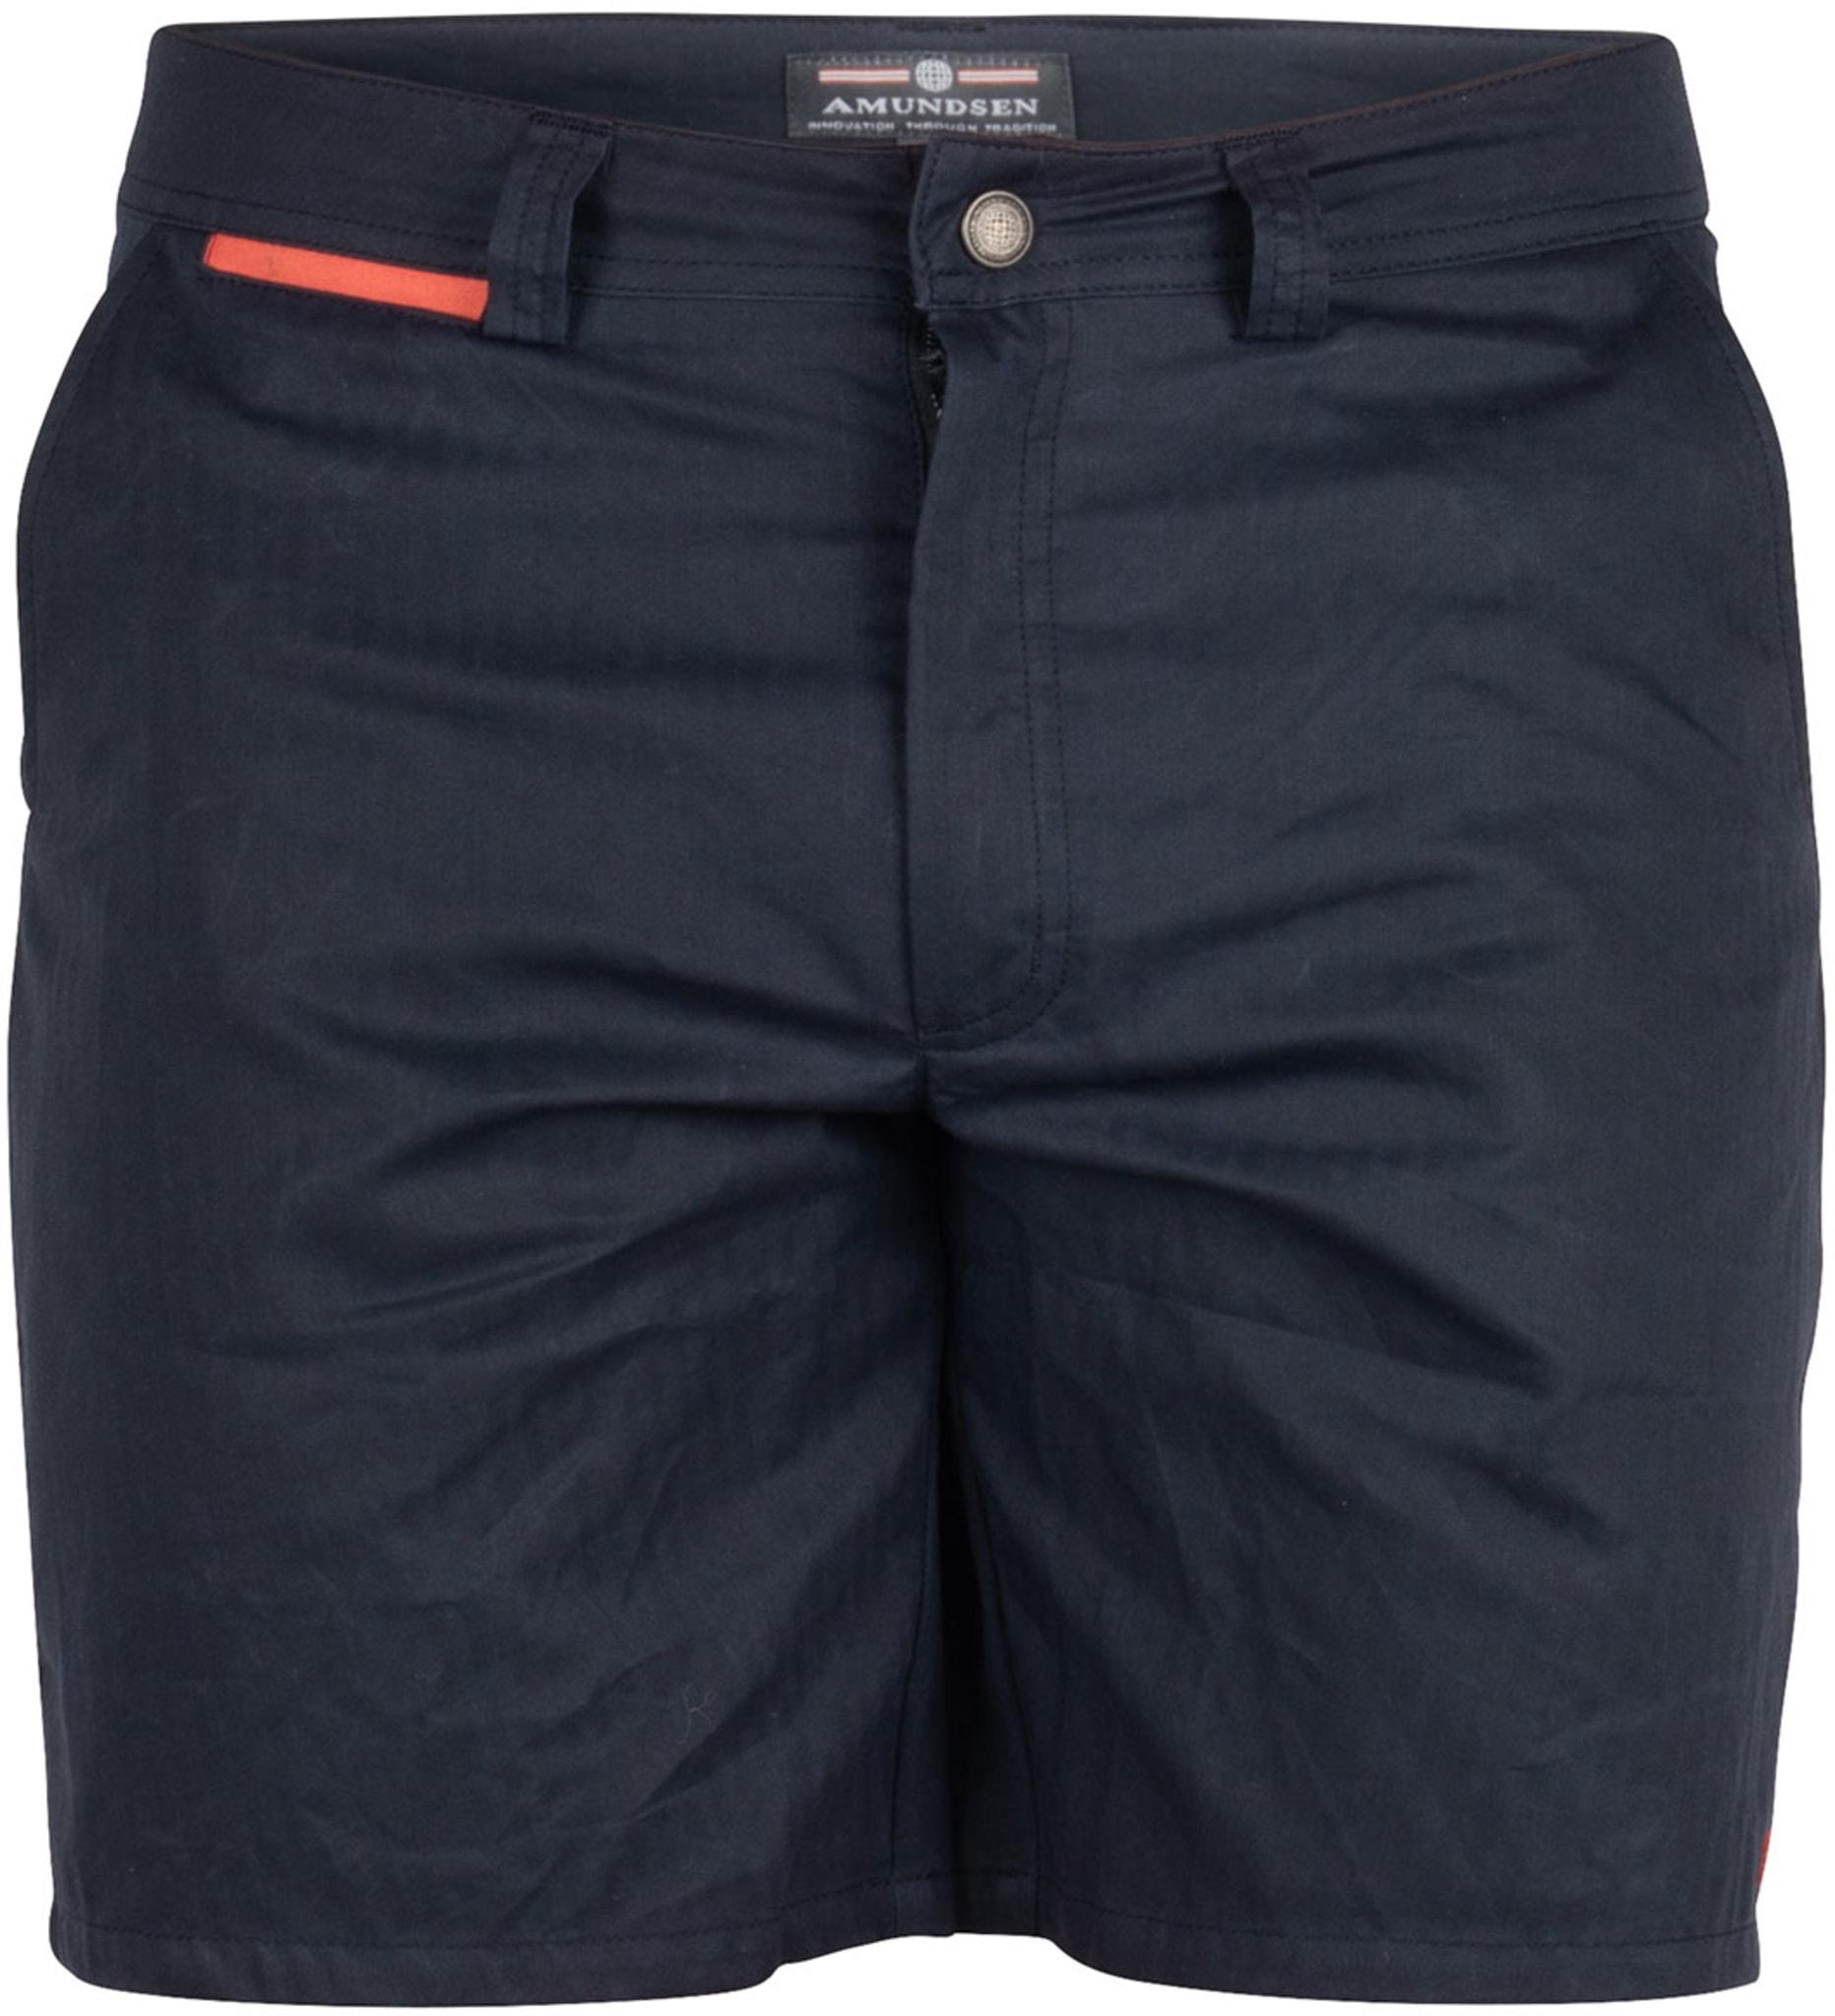 8incher Boulder Shorts M